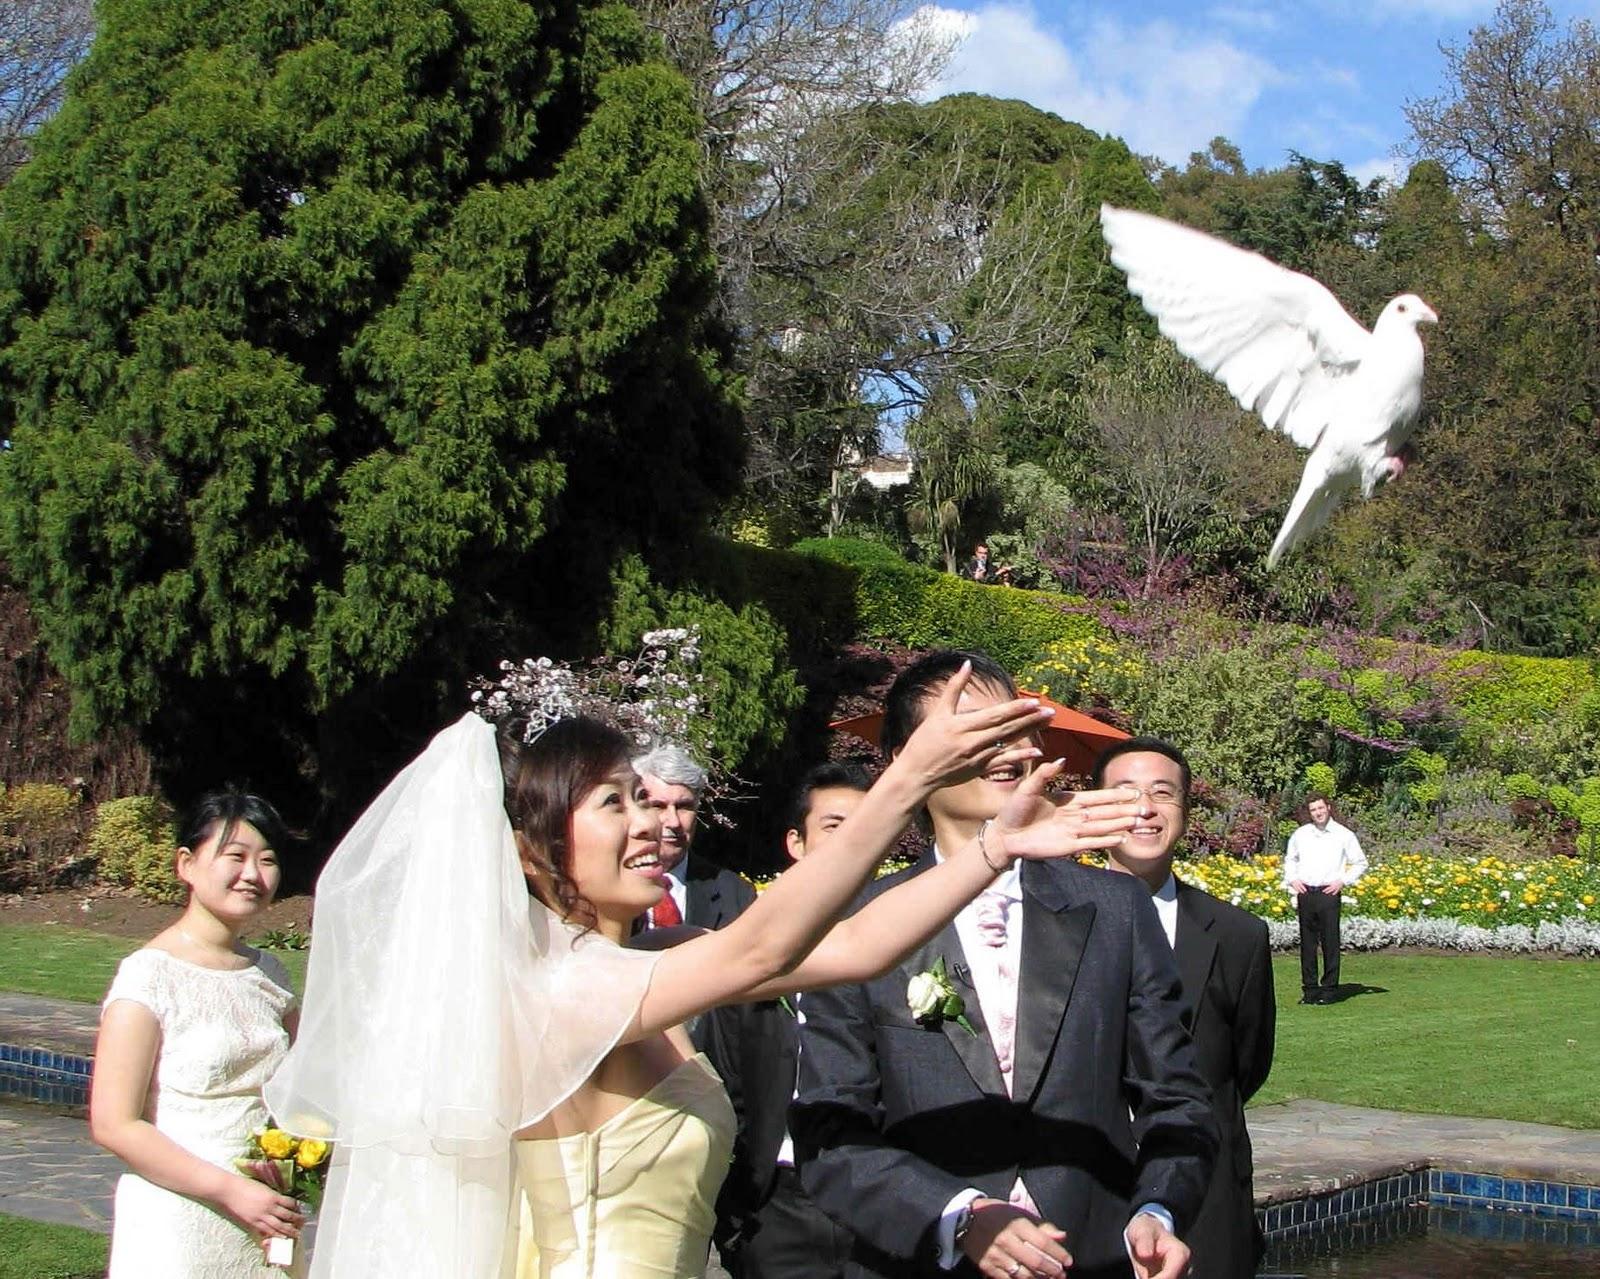 a beautiful white dove